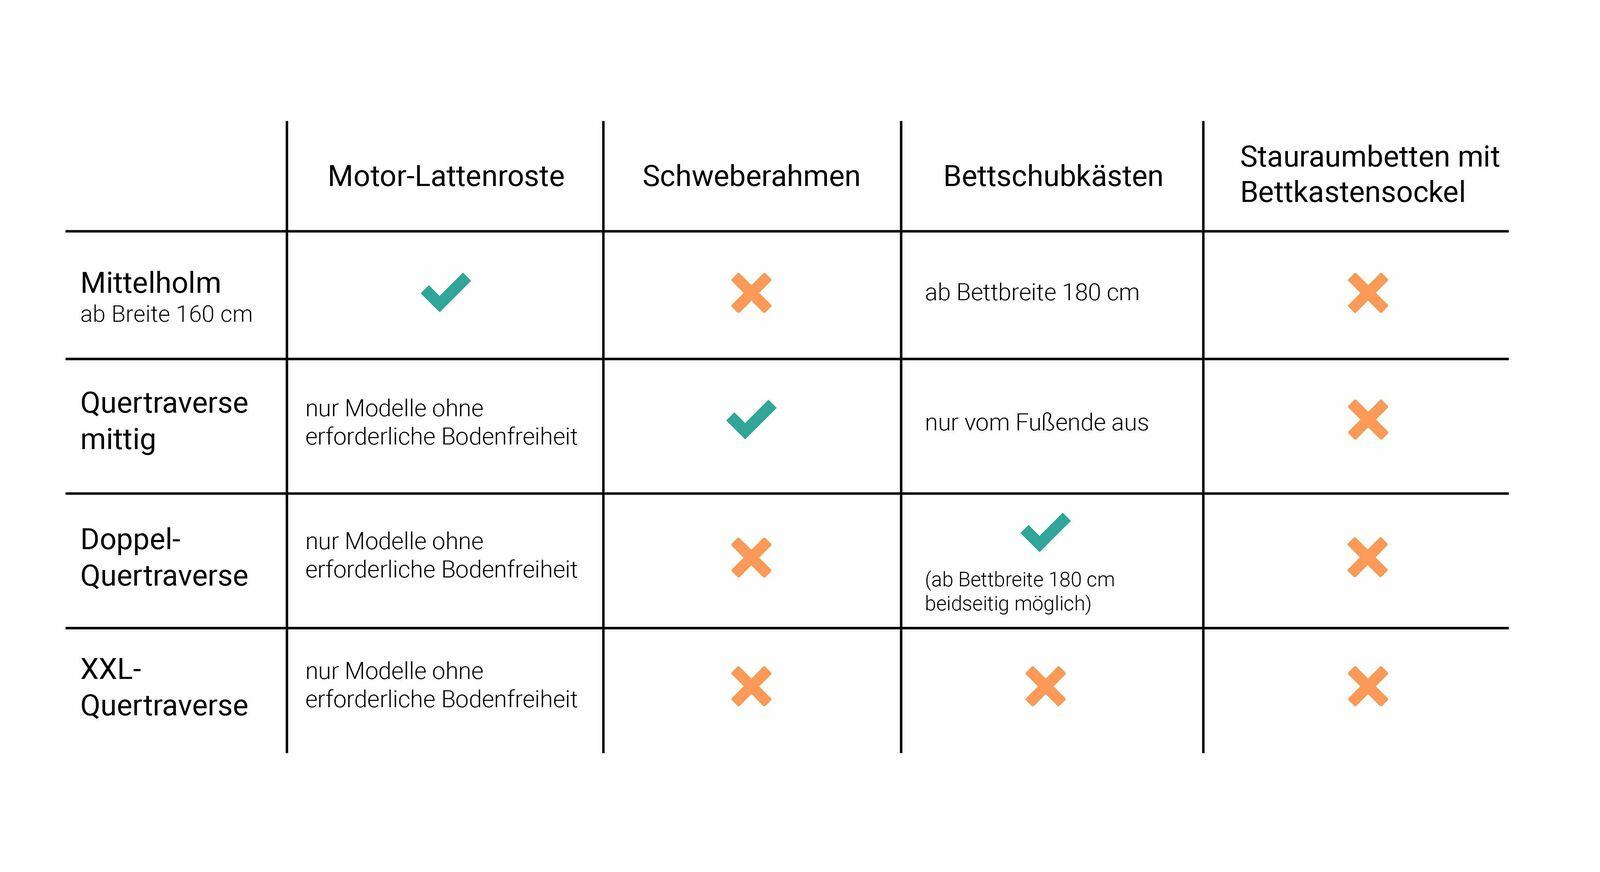 Übersichtstabelle zur Kompatibilität des Mittelholms und Quertraversen